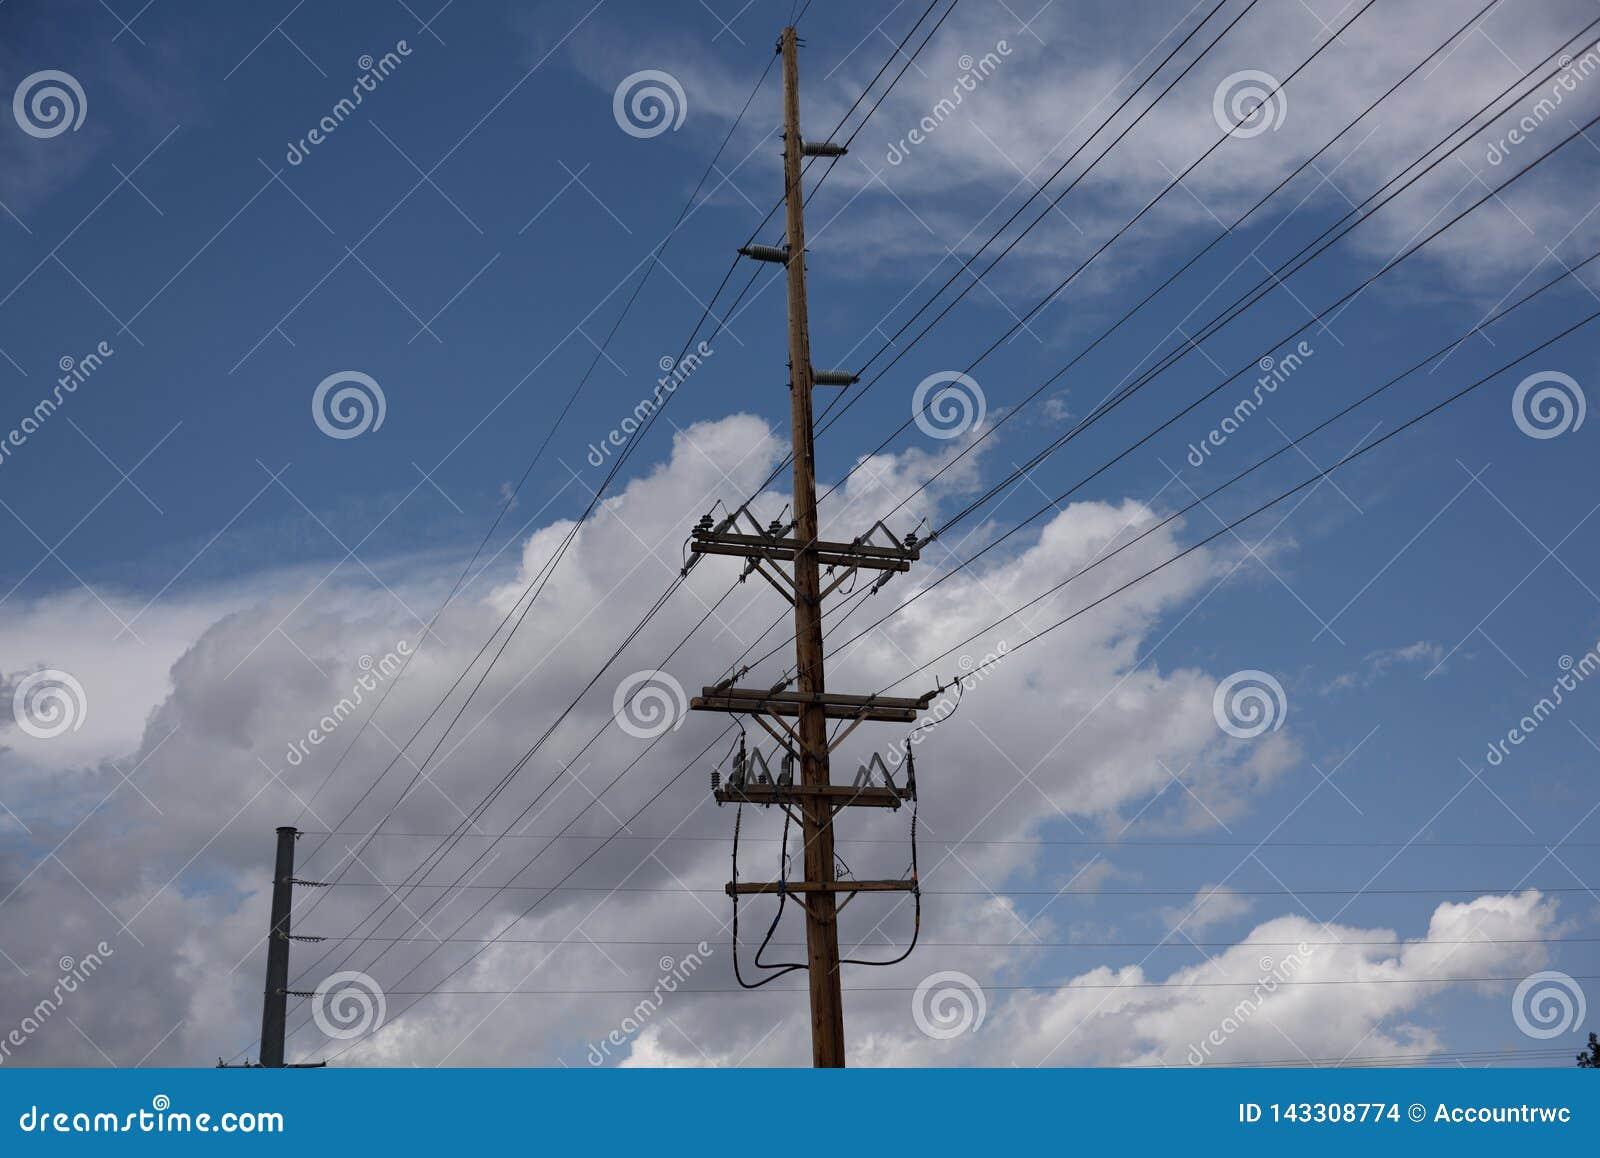 Pali pratici elettrici e linee elettriche ad alta tensione sopraelevate contro un cielo blu e le nuvole